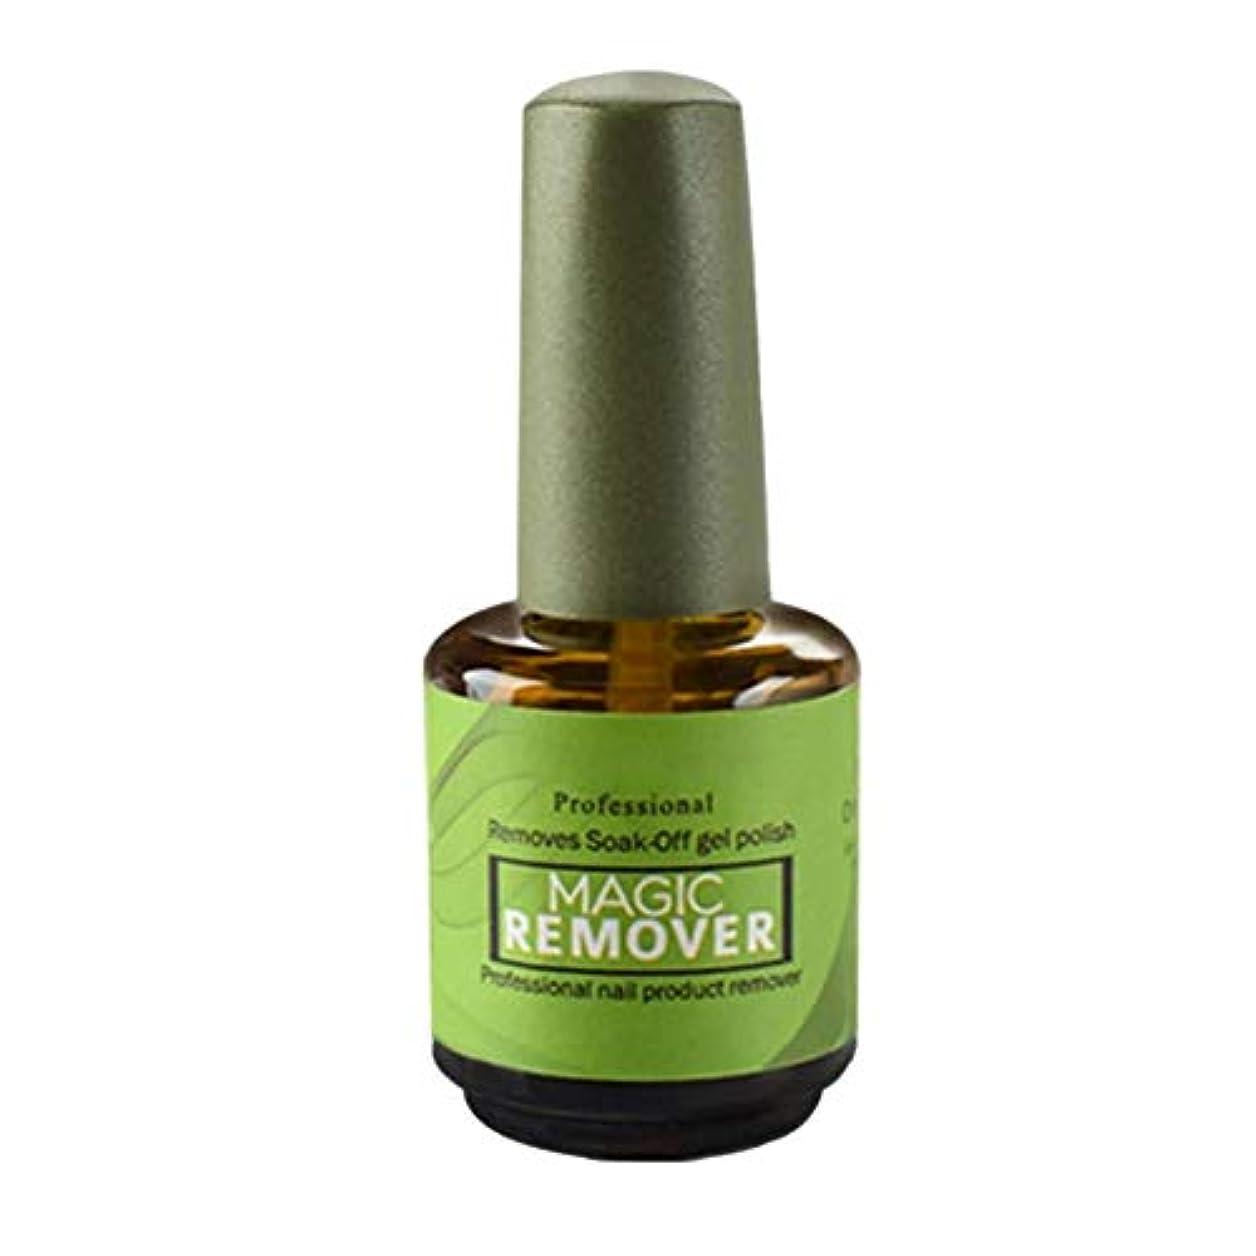 キャリアカレッジリットルAylincool マジックリムーバーがネイルポリッシュを拭き取ると、ジェルプロフェッショナルバーストクリーン脱脂剤が除去されます